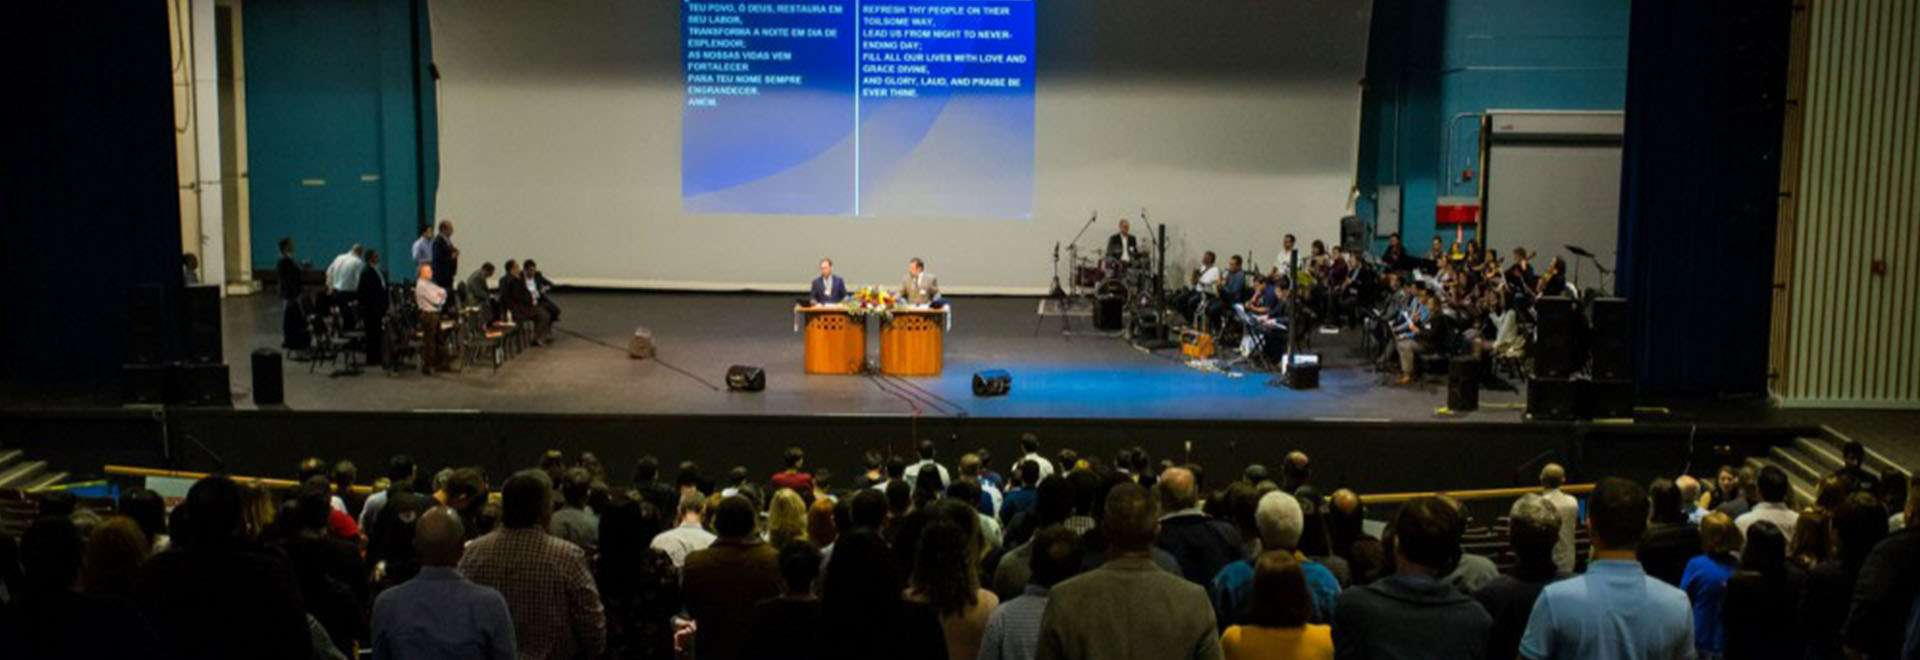 Seminários são realizados em Boston e Wallingford, nos EUA